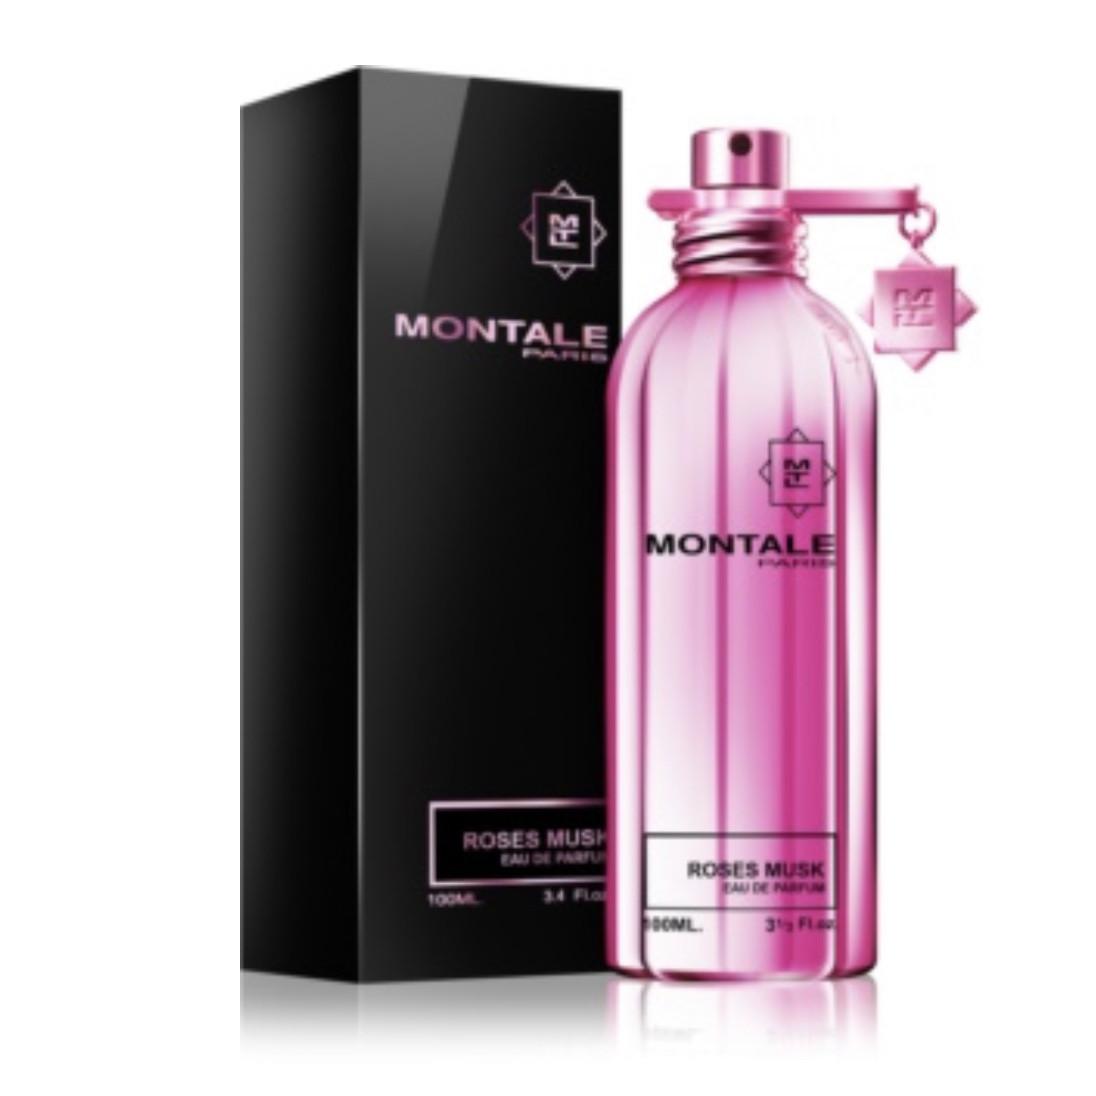 Цветочный древесно-мускусный аромат MONTALE Roses Musk (Монталь Розе Муск) парфюмированная вода - 50ml